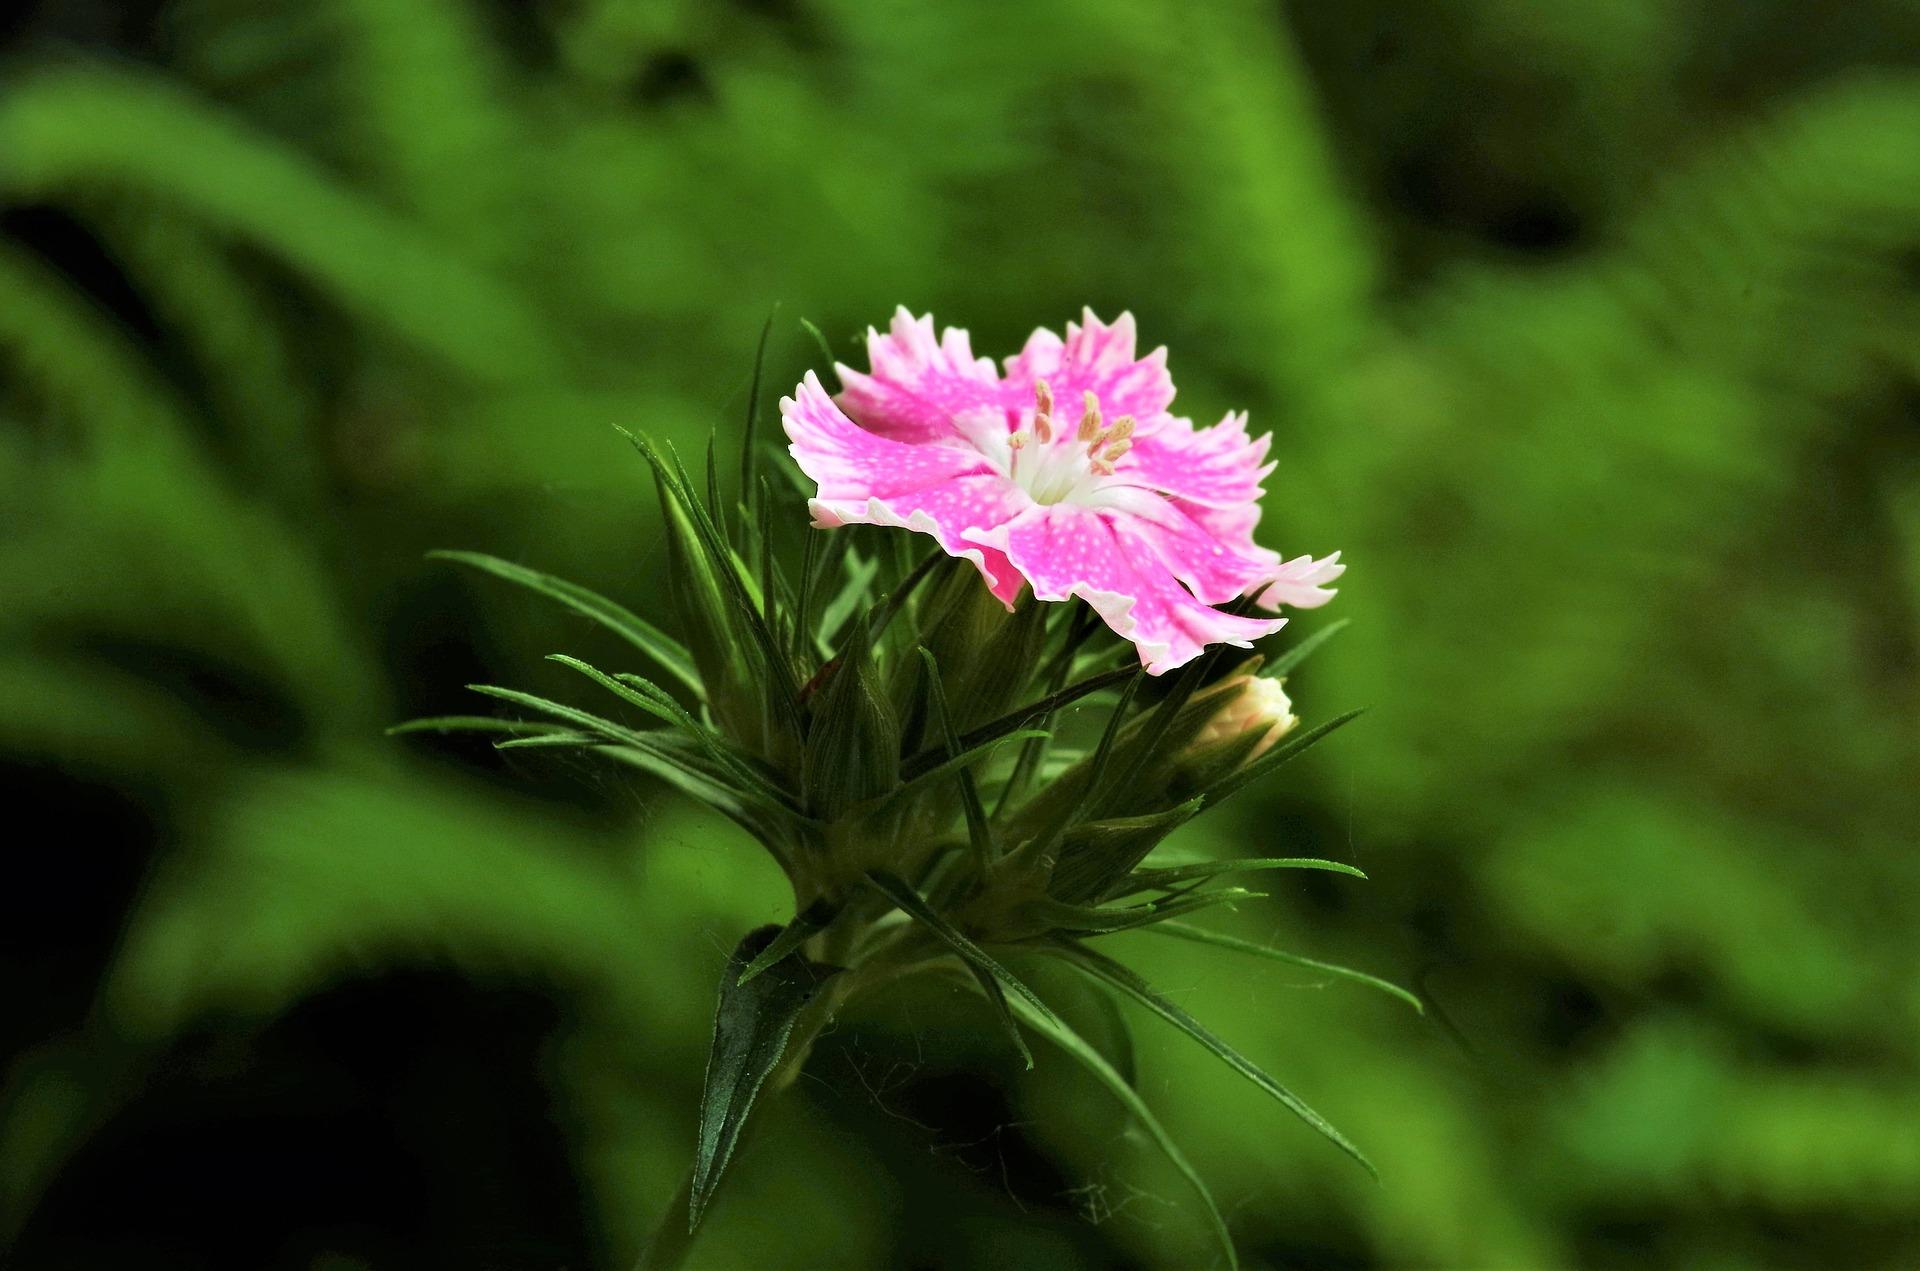 UŁ komentuje: Ochrona roślin zagrożonych wyginięciem - Uniwersytet Łódzki